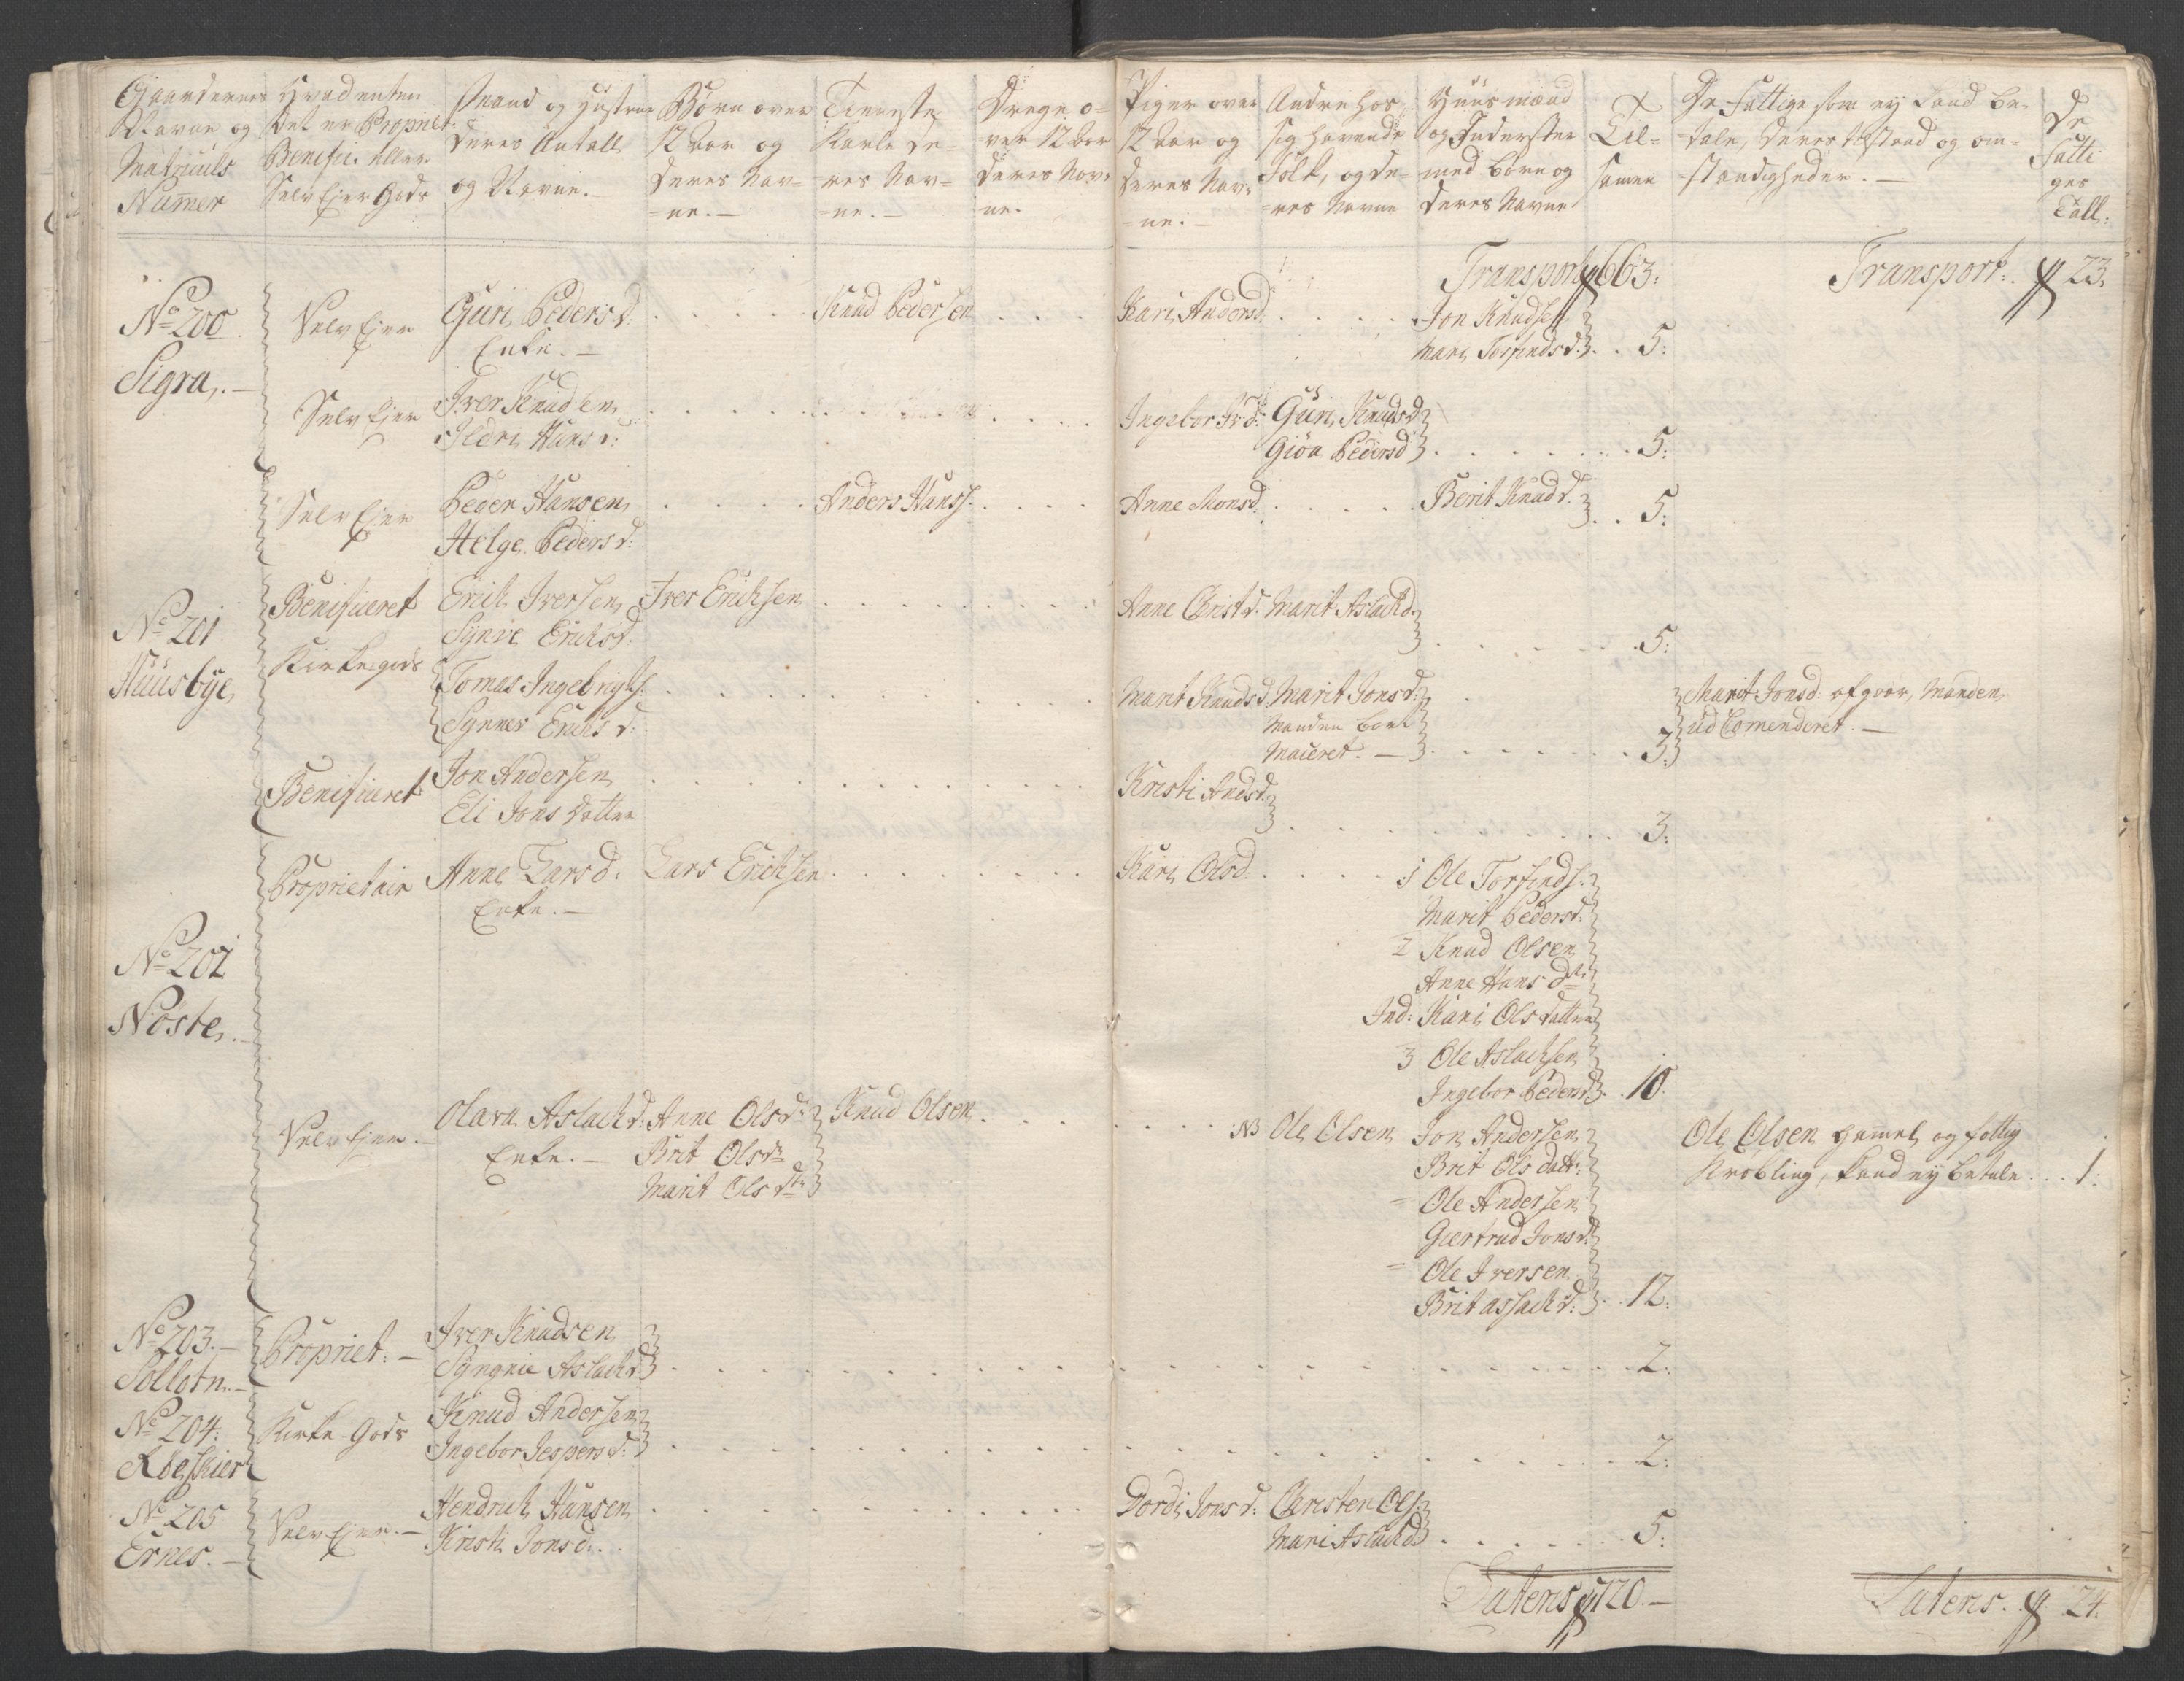 RA, Rentekammeret inntil 1814, Reviderte regnskaper, Fogderegnskap, R55/L3730: Ekstraskatten Romsdal, 1762-1763, p. 36